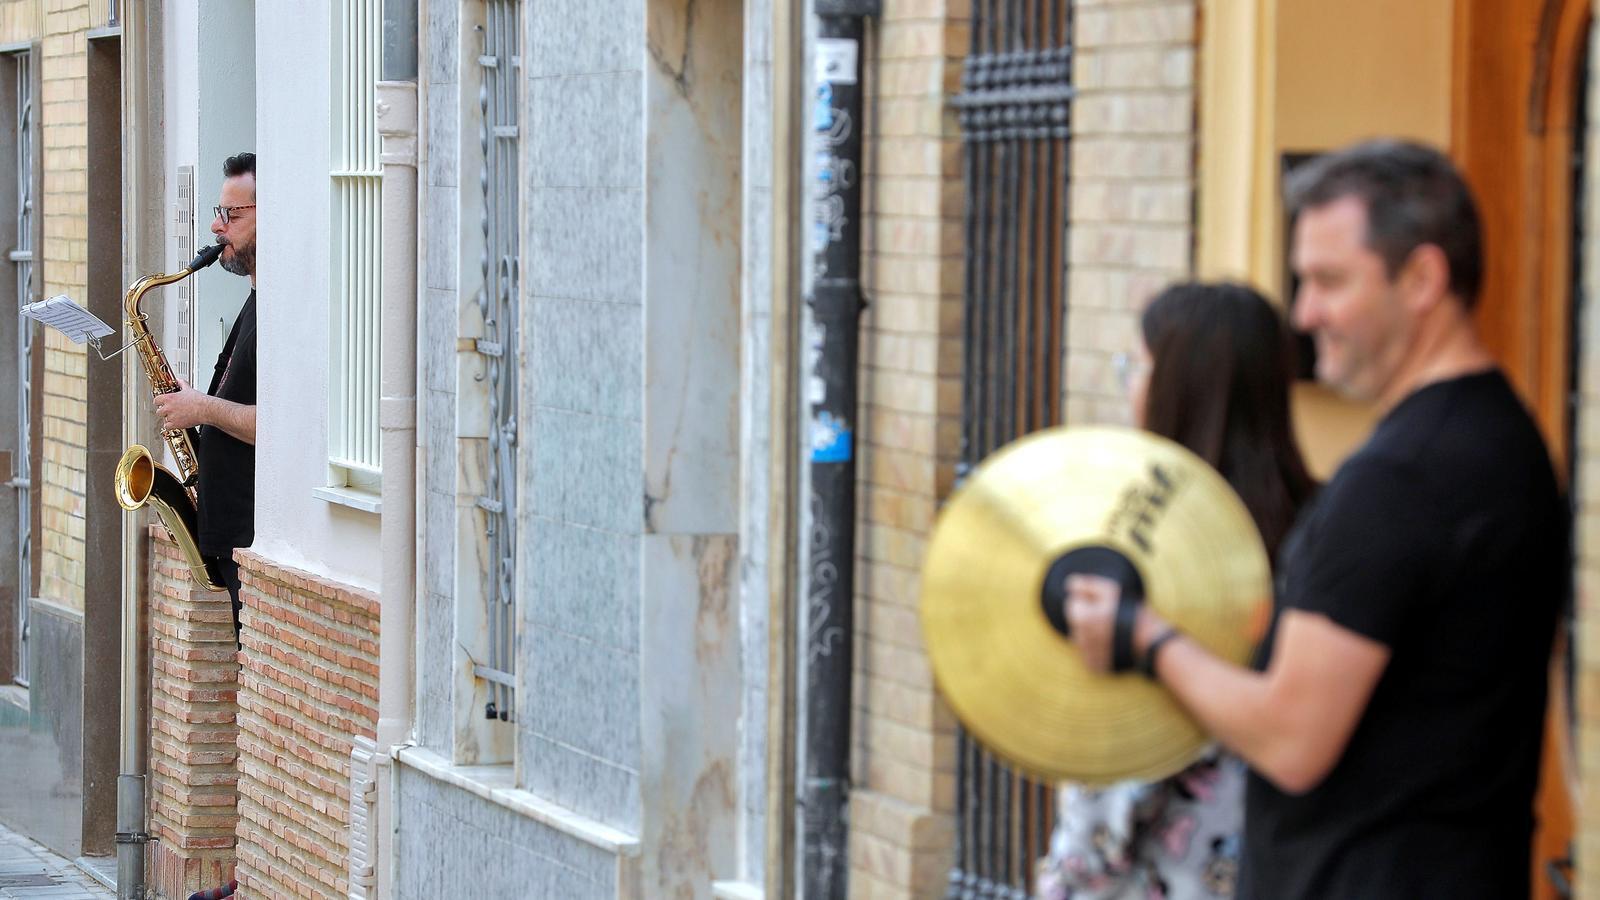 Diversos músics interpretant elspasdobles 'Paquito el Chocolatero' i 'Amparito Roca' a les portes de les seves vivendes